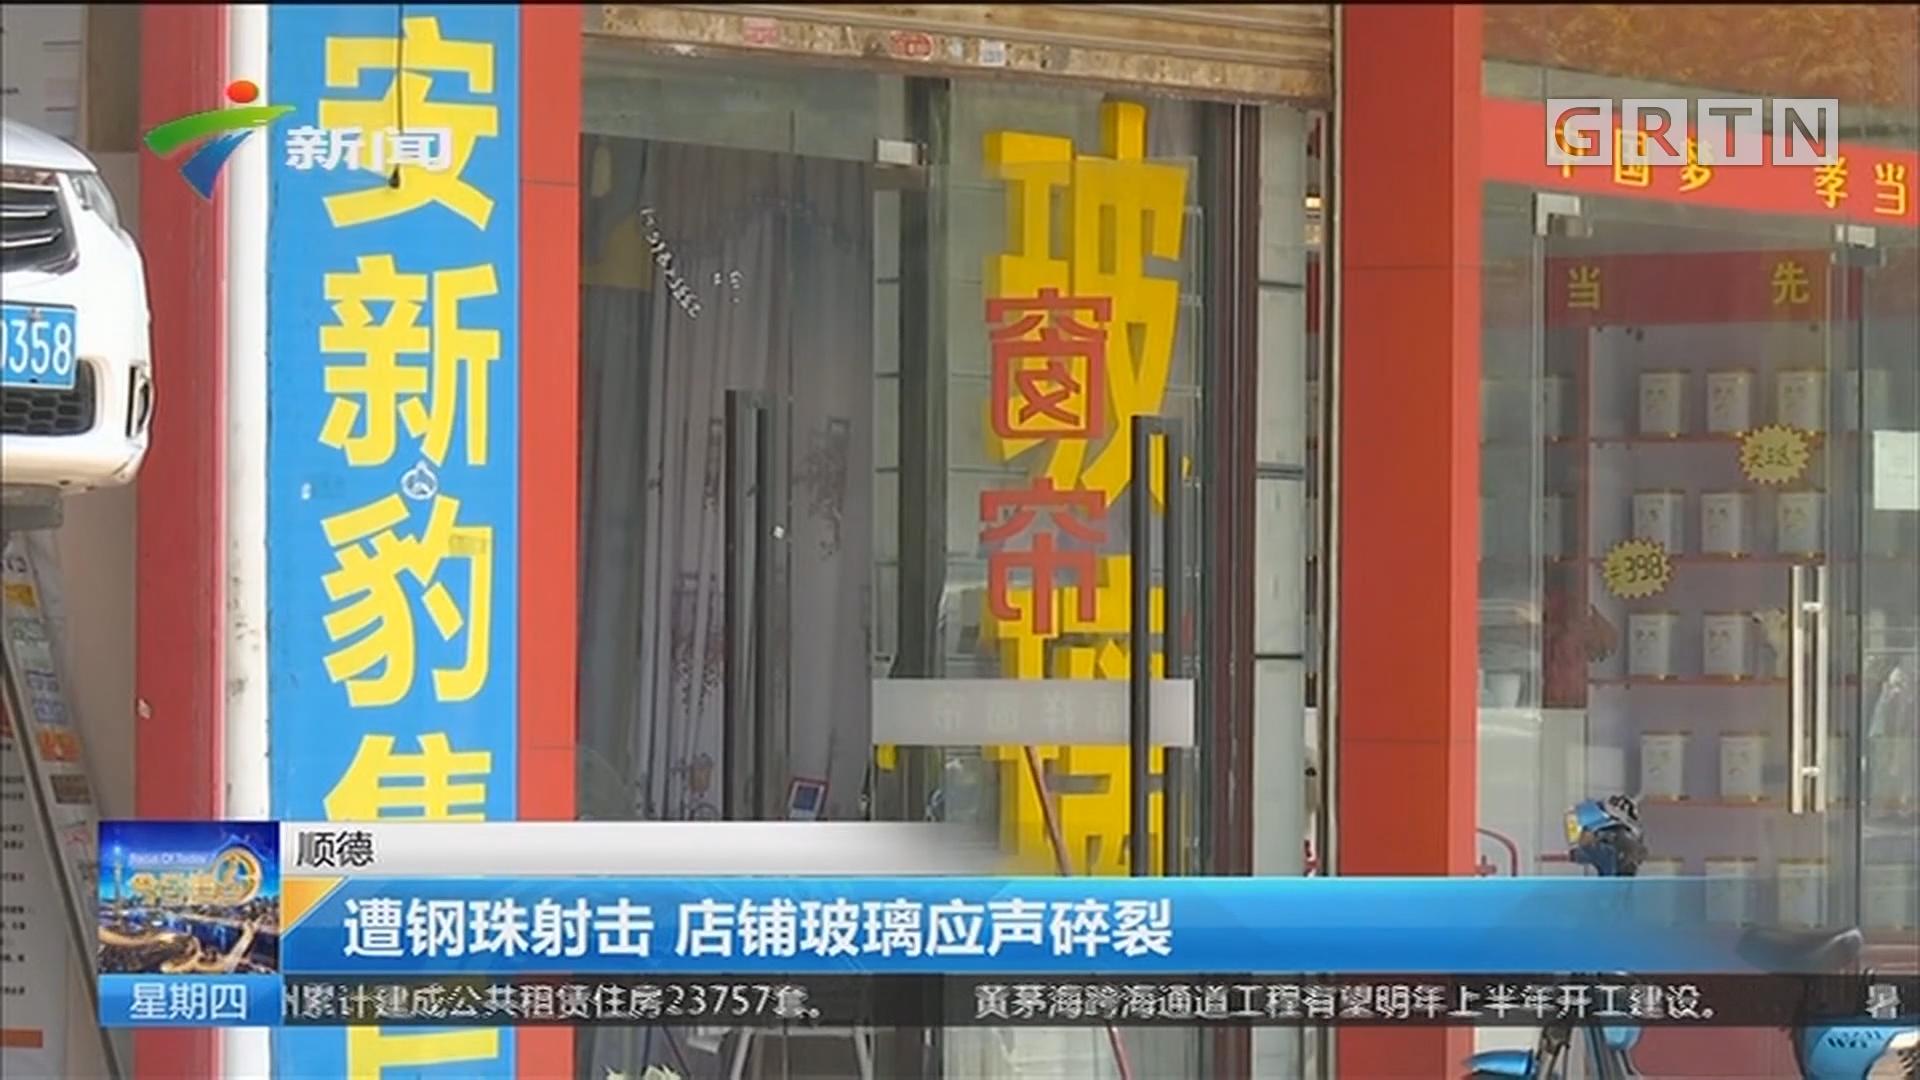 顾德:遭钢珠射击 店铺玻璃应声碎裂